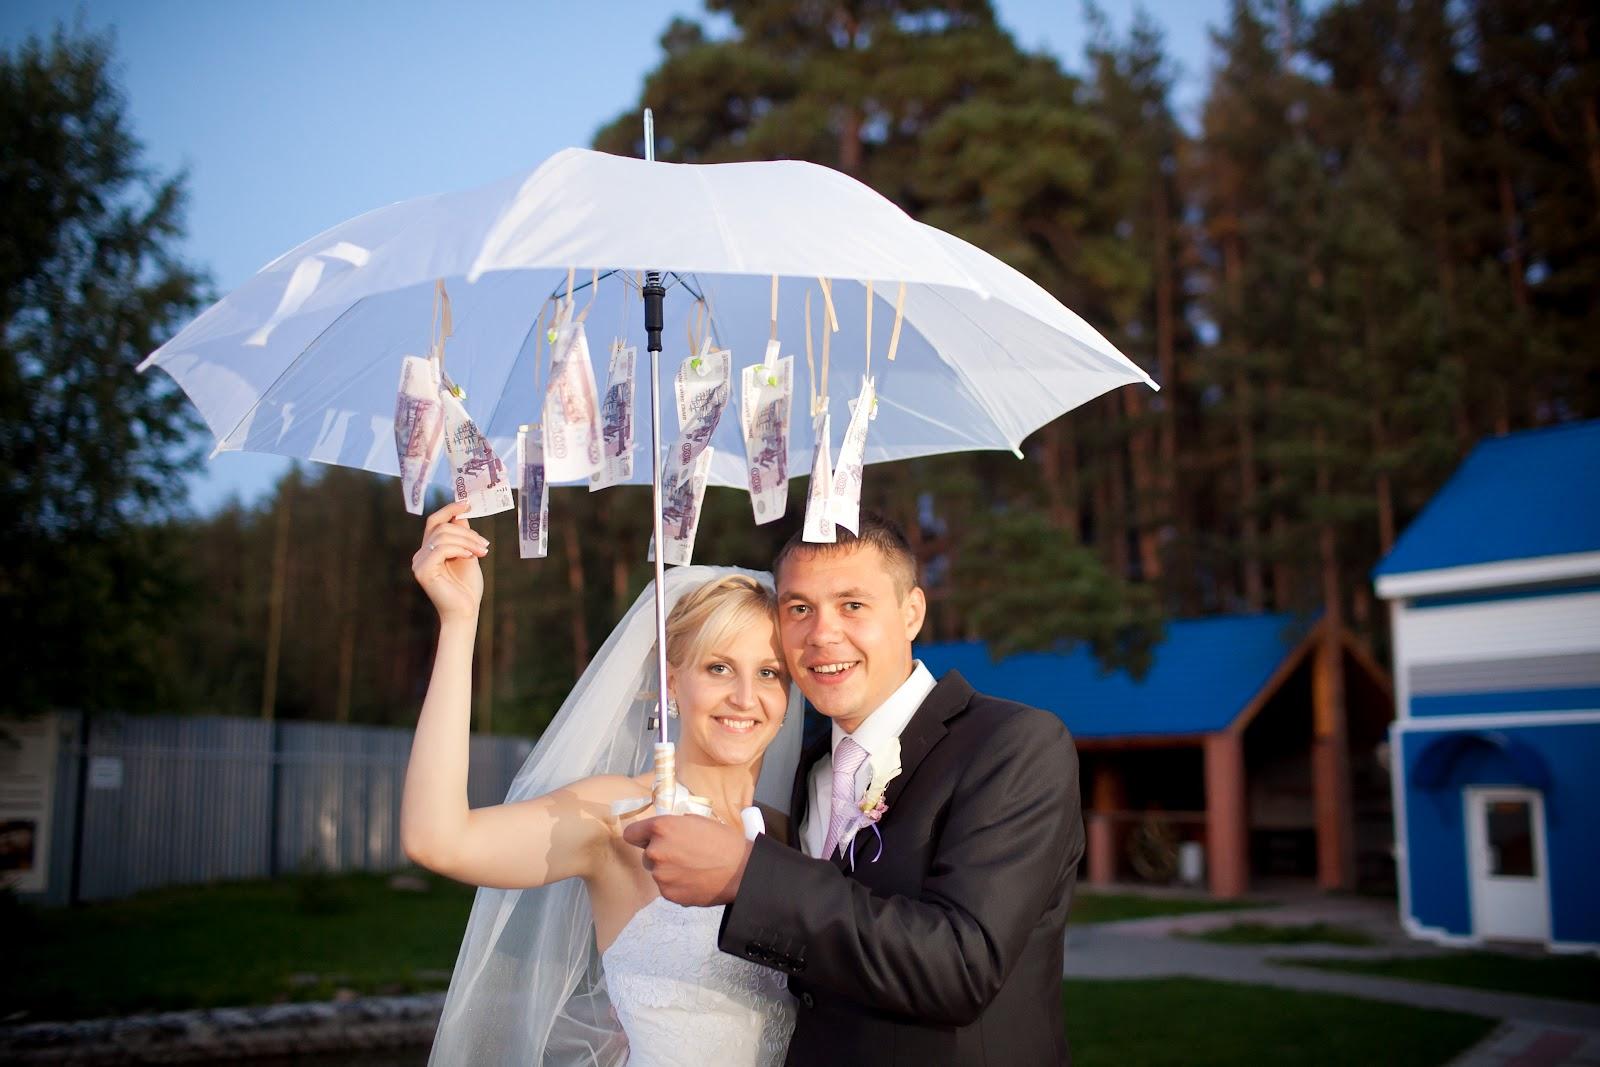 проверить оригинальное поздравление на свадьбу с зонтиком для конкурсов красоты